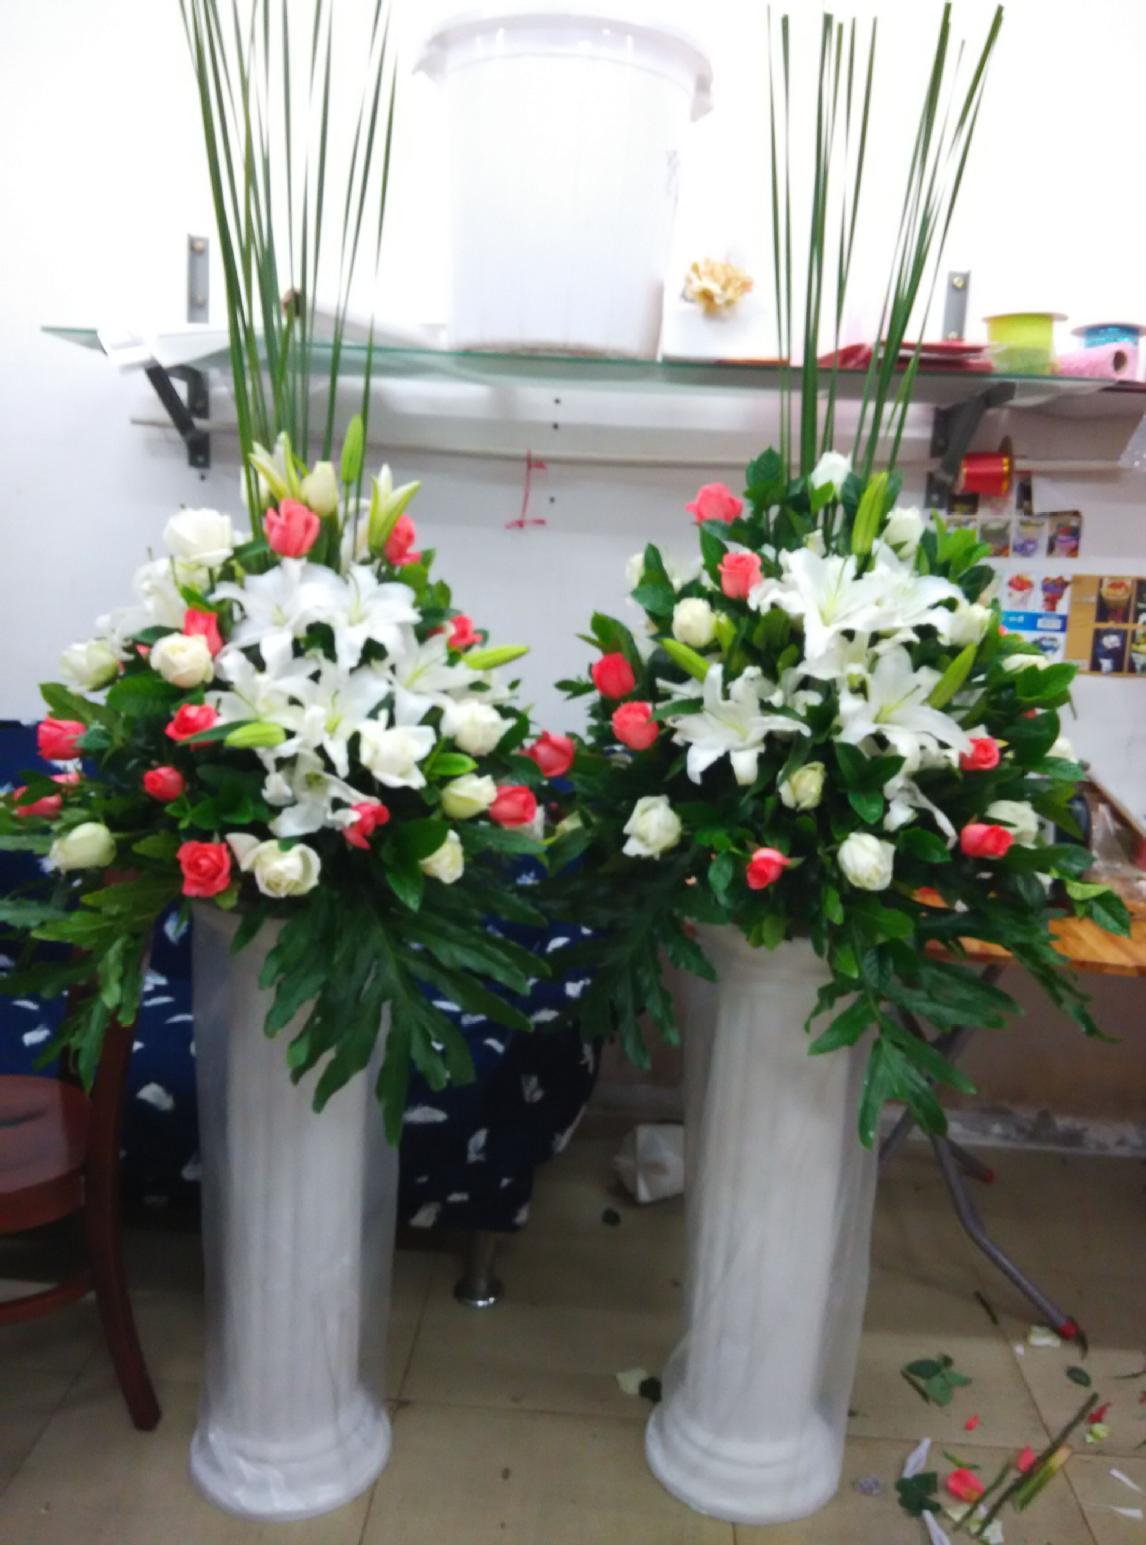 石夏兰节日商务花篮,百合,迎宾路引,389元,花材,红玫瑰,百合花,绿叶,包装,罗马柱花篮鲜花图片展示